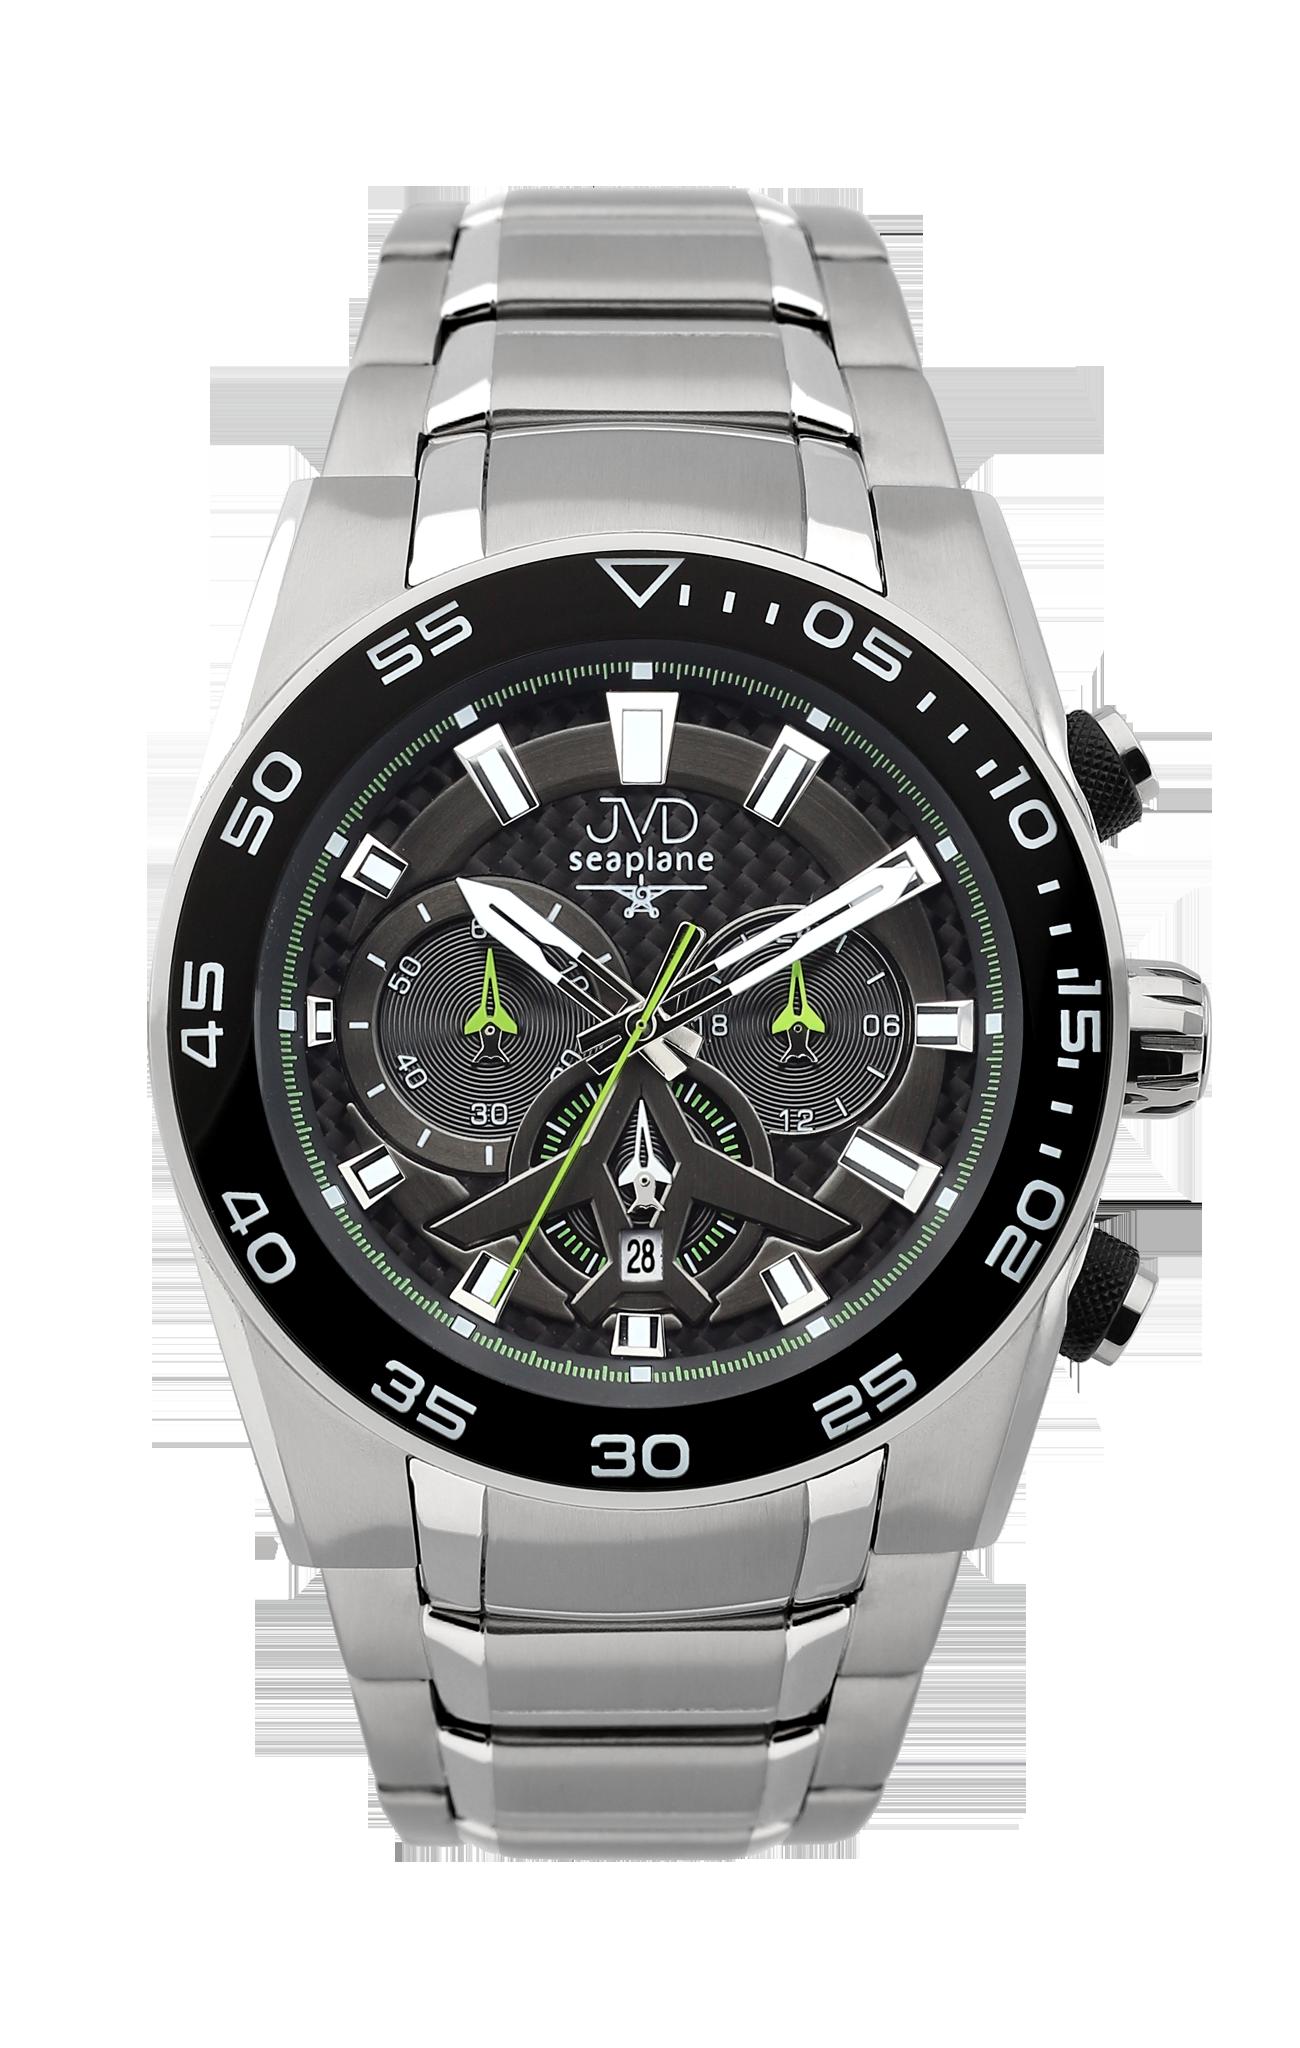 Luxusní vodotěsné sportovní hodinky JVD seaplane W49.4 chronograf se  stopkami 70287f8648a